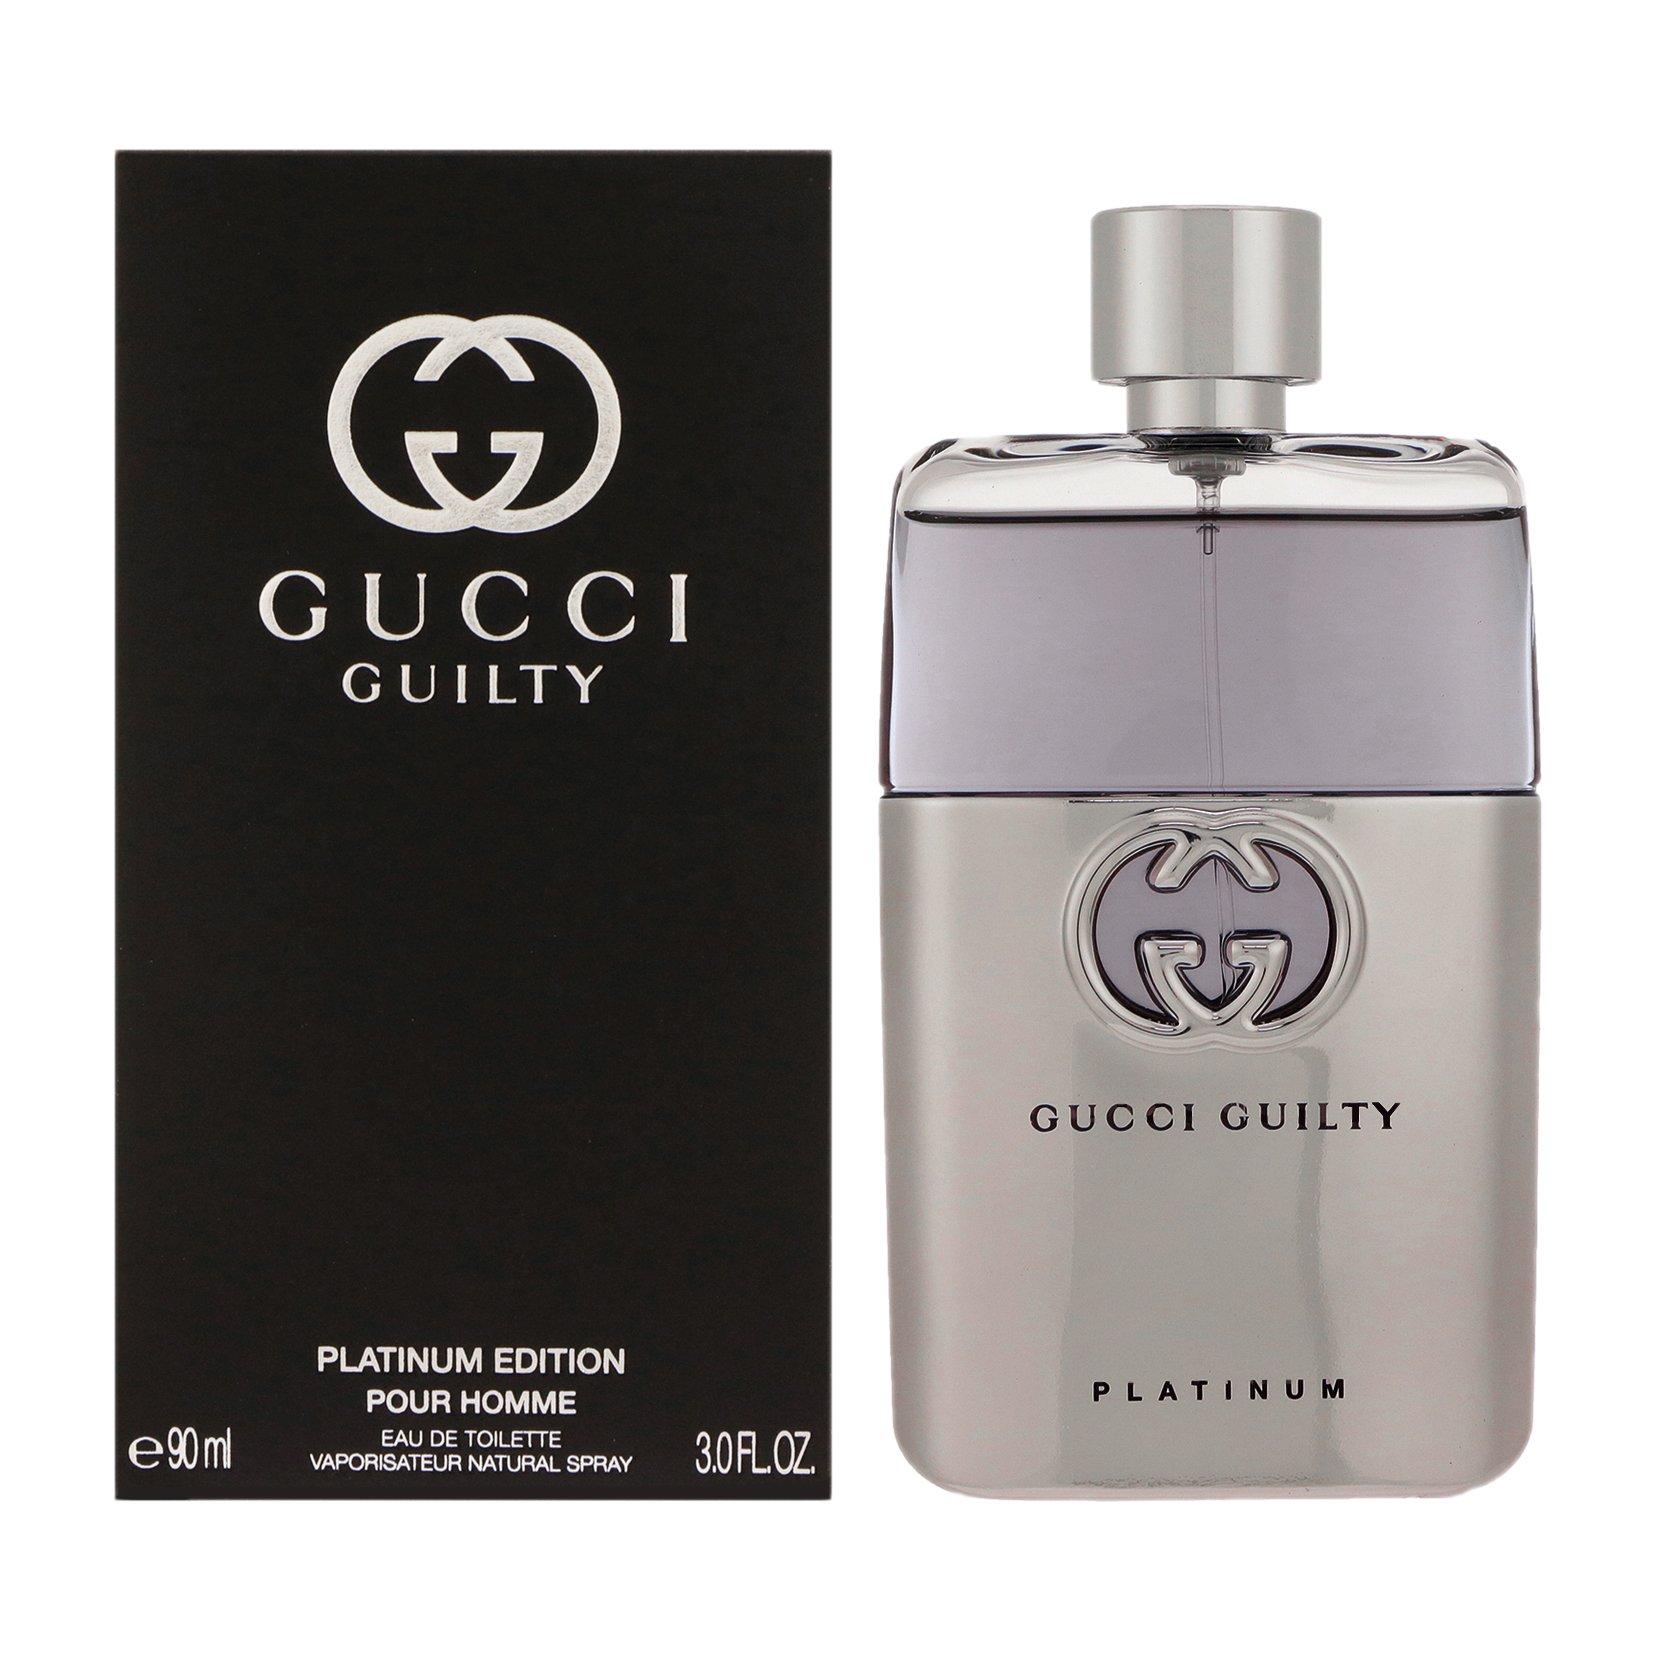 Gucci Guilty Platinum Edition Eau De Toilette Spray for Men, 3 Ounce